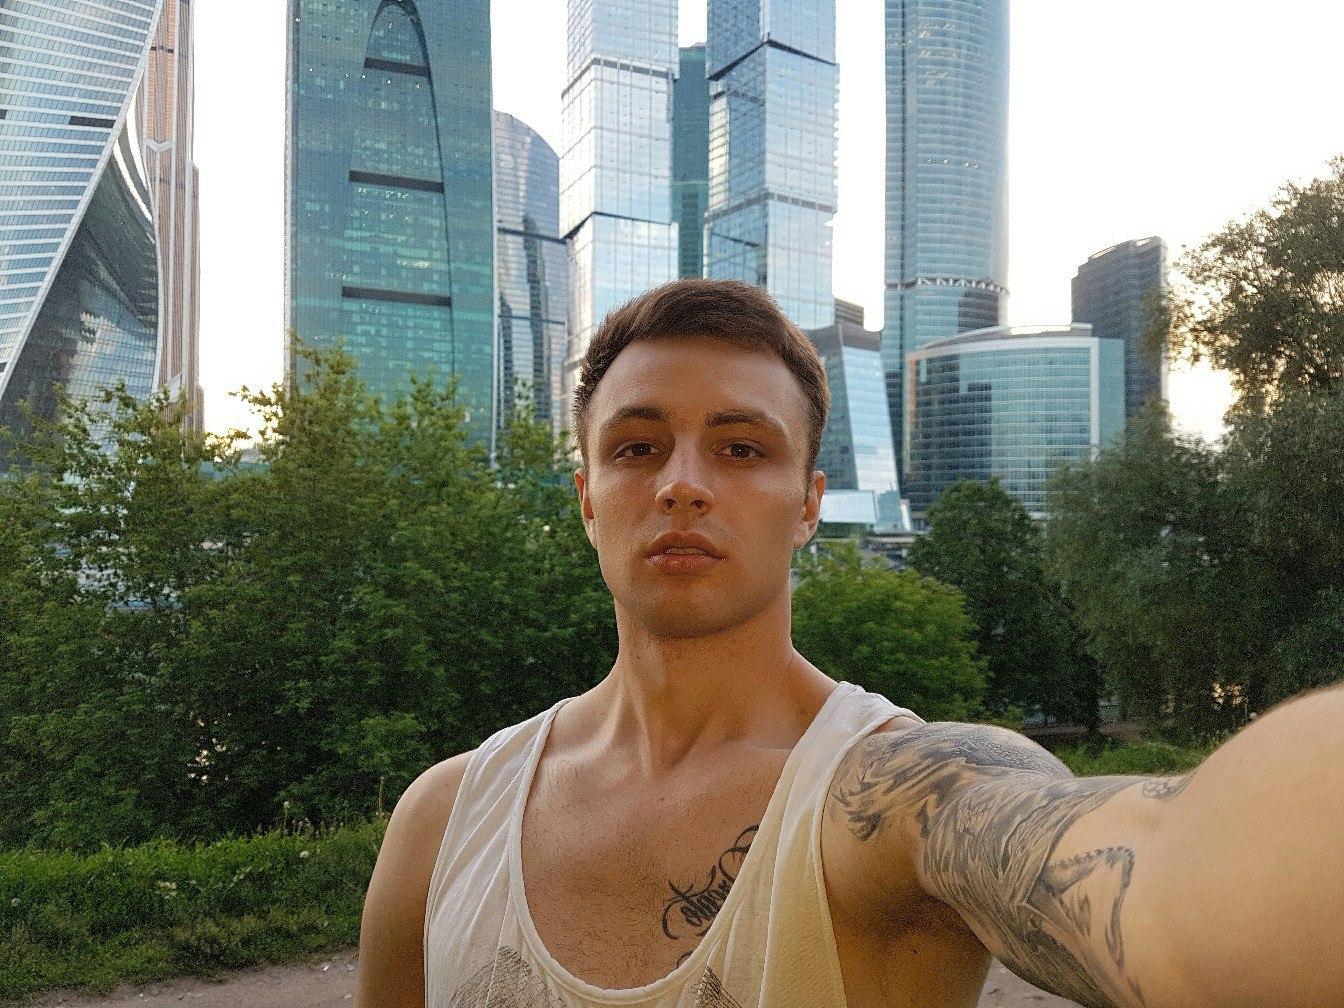 Певец МЭВЛ (Владислав Самохвалов), его биография и личная жизнь.